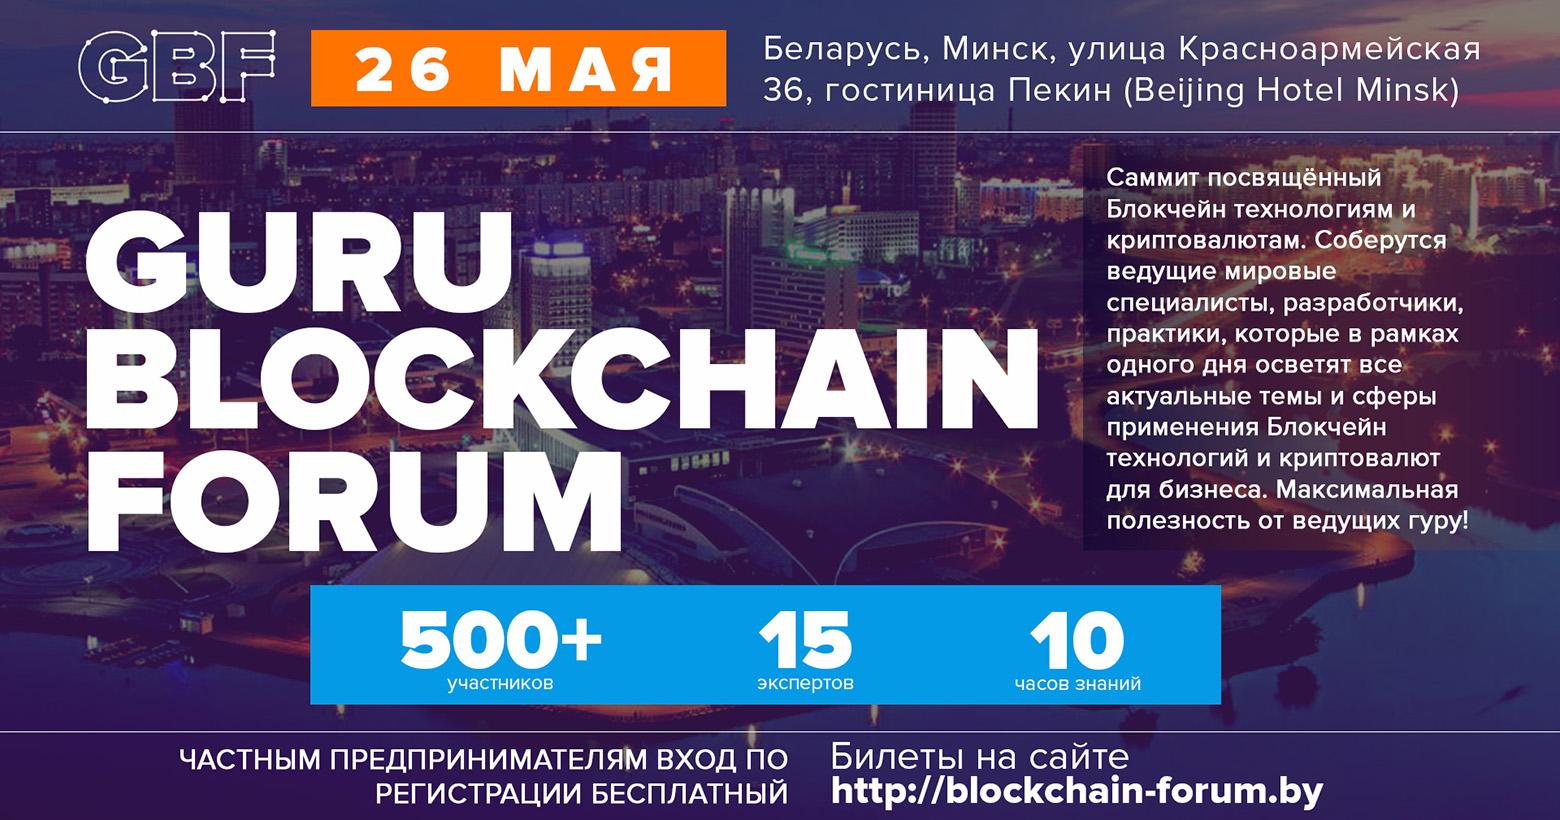 Guru Blockchain Forum